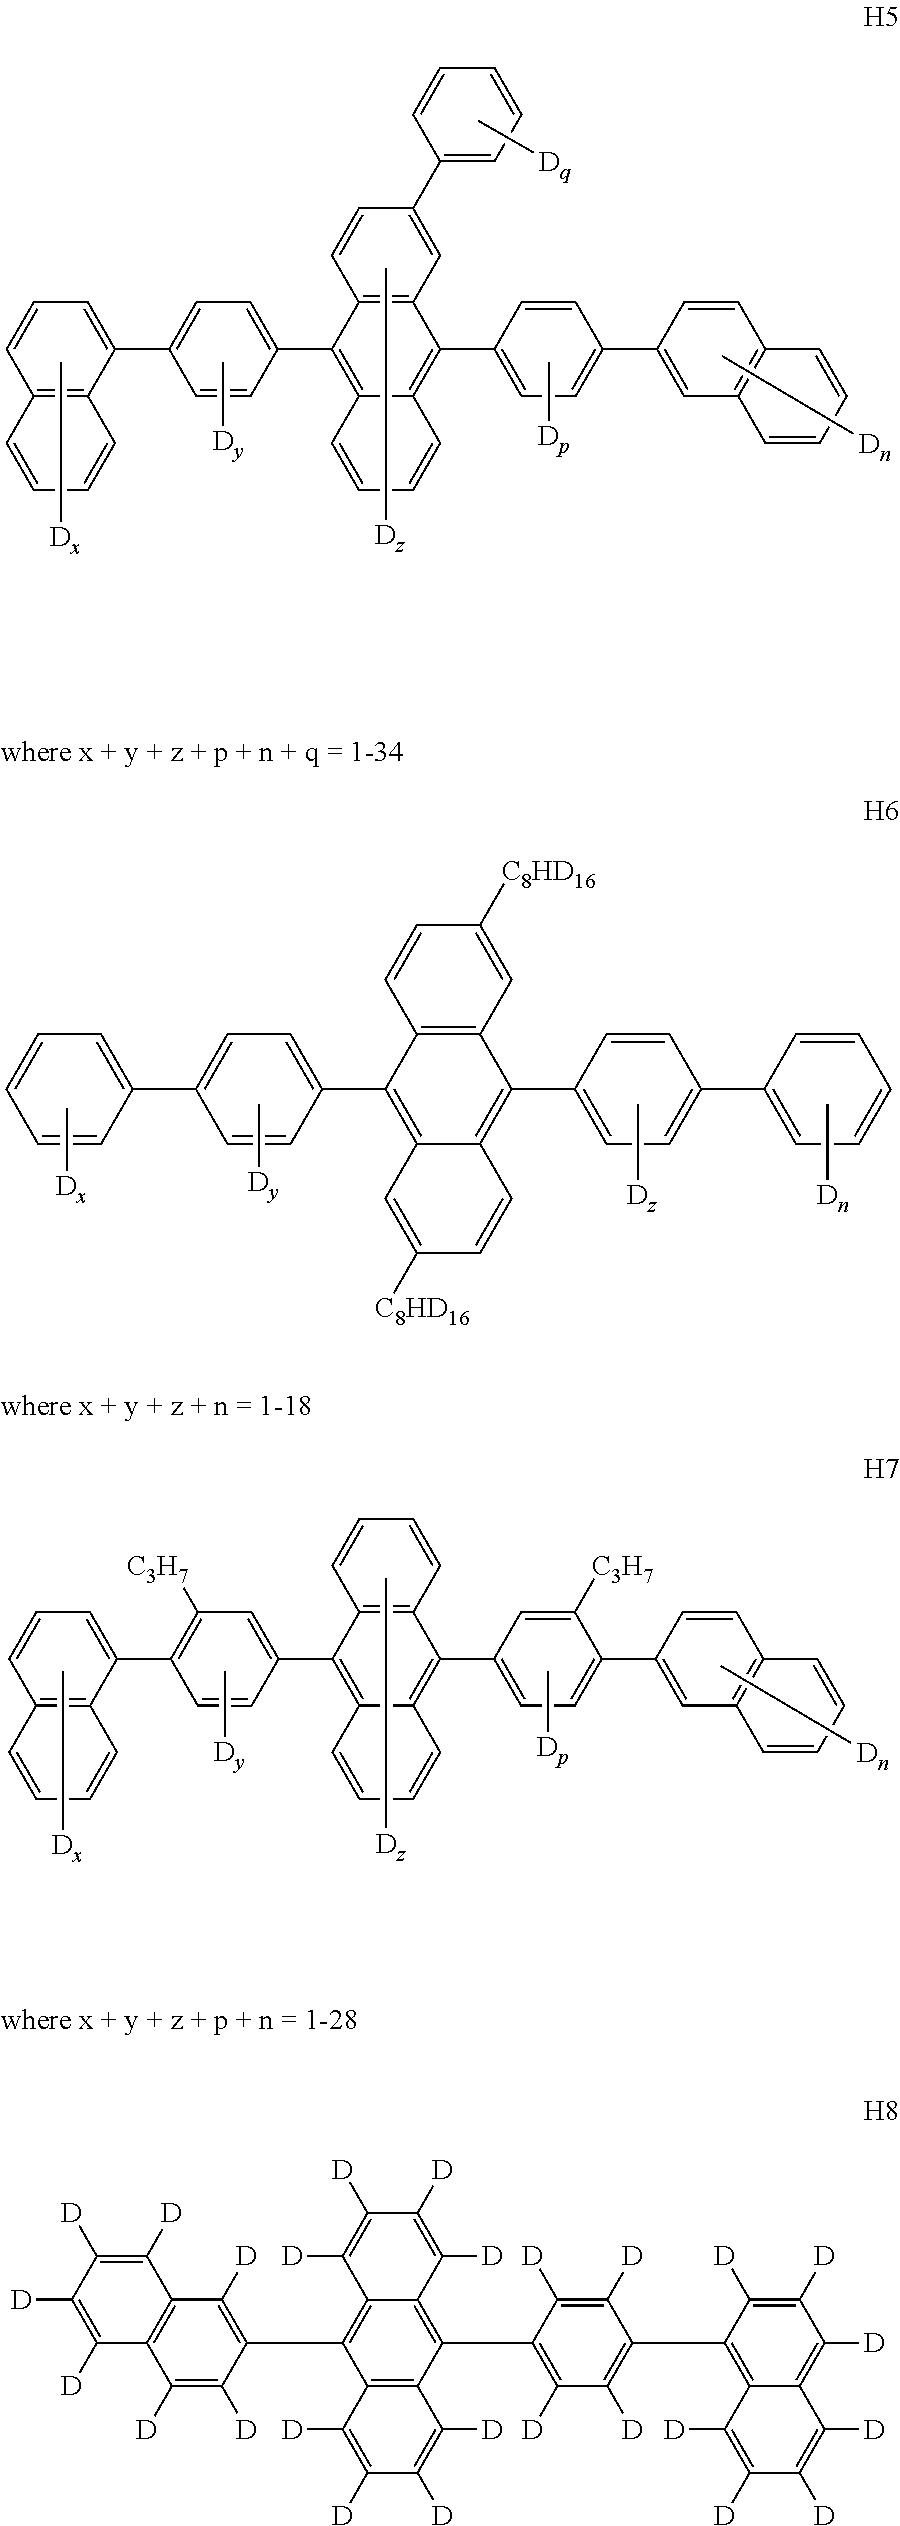 Figure US08890131-20141118-C00050